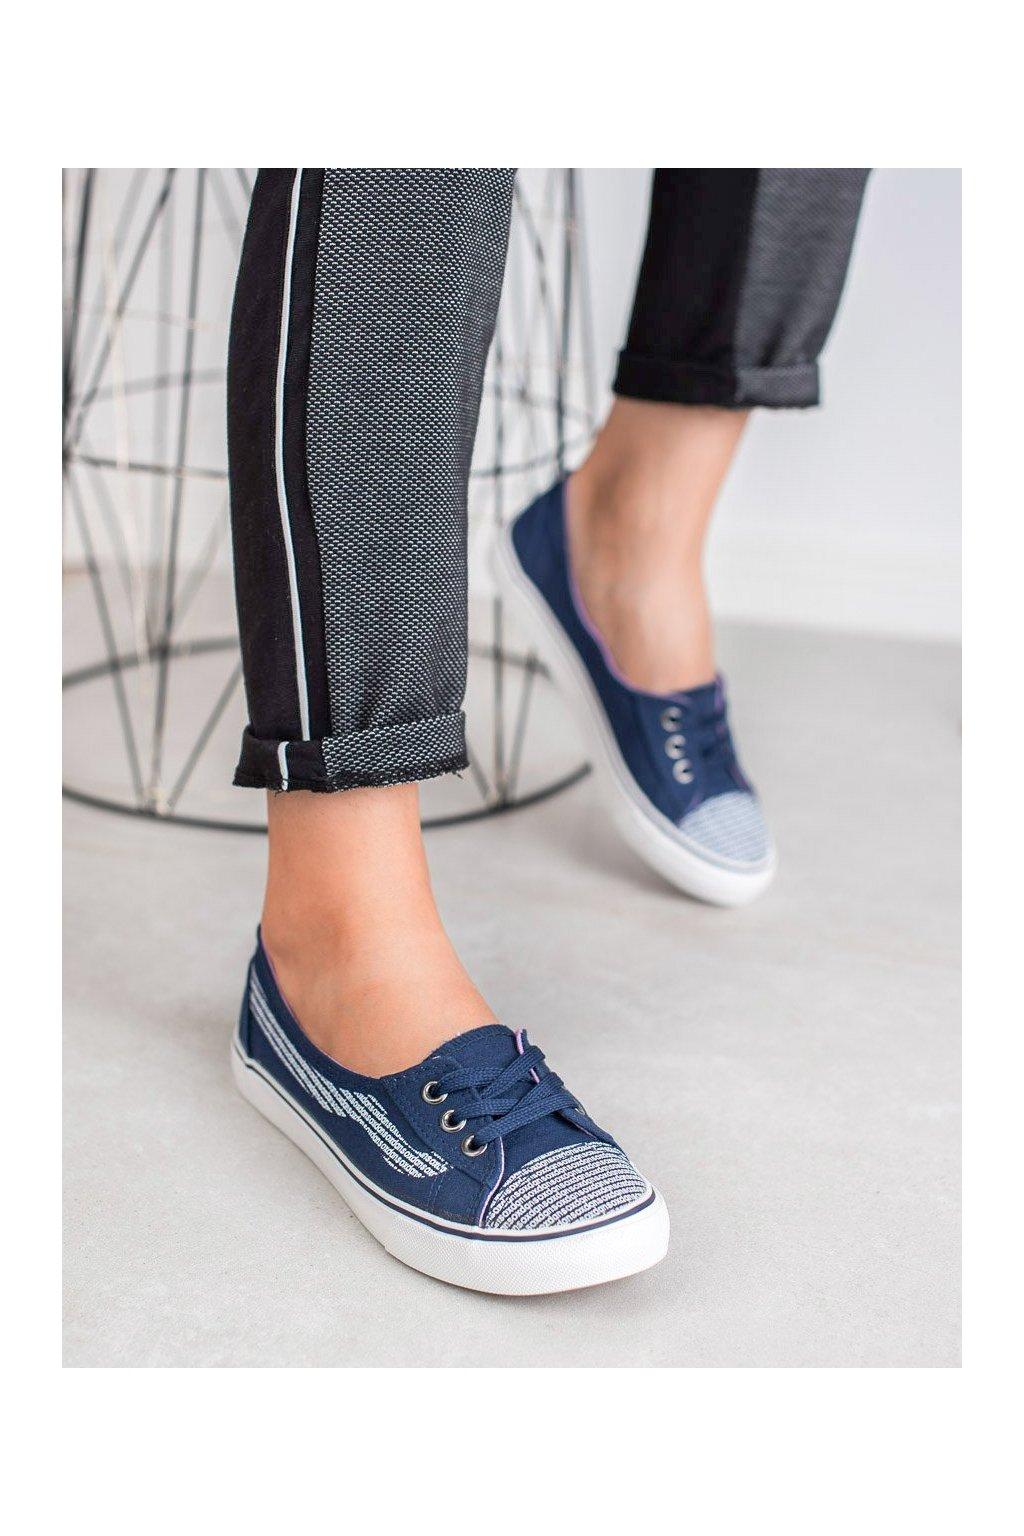 Modré topánky J. star kod S18-F-LD8A09D.BL